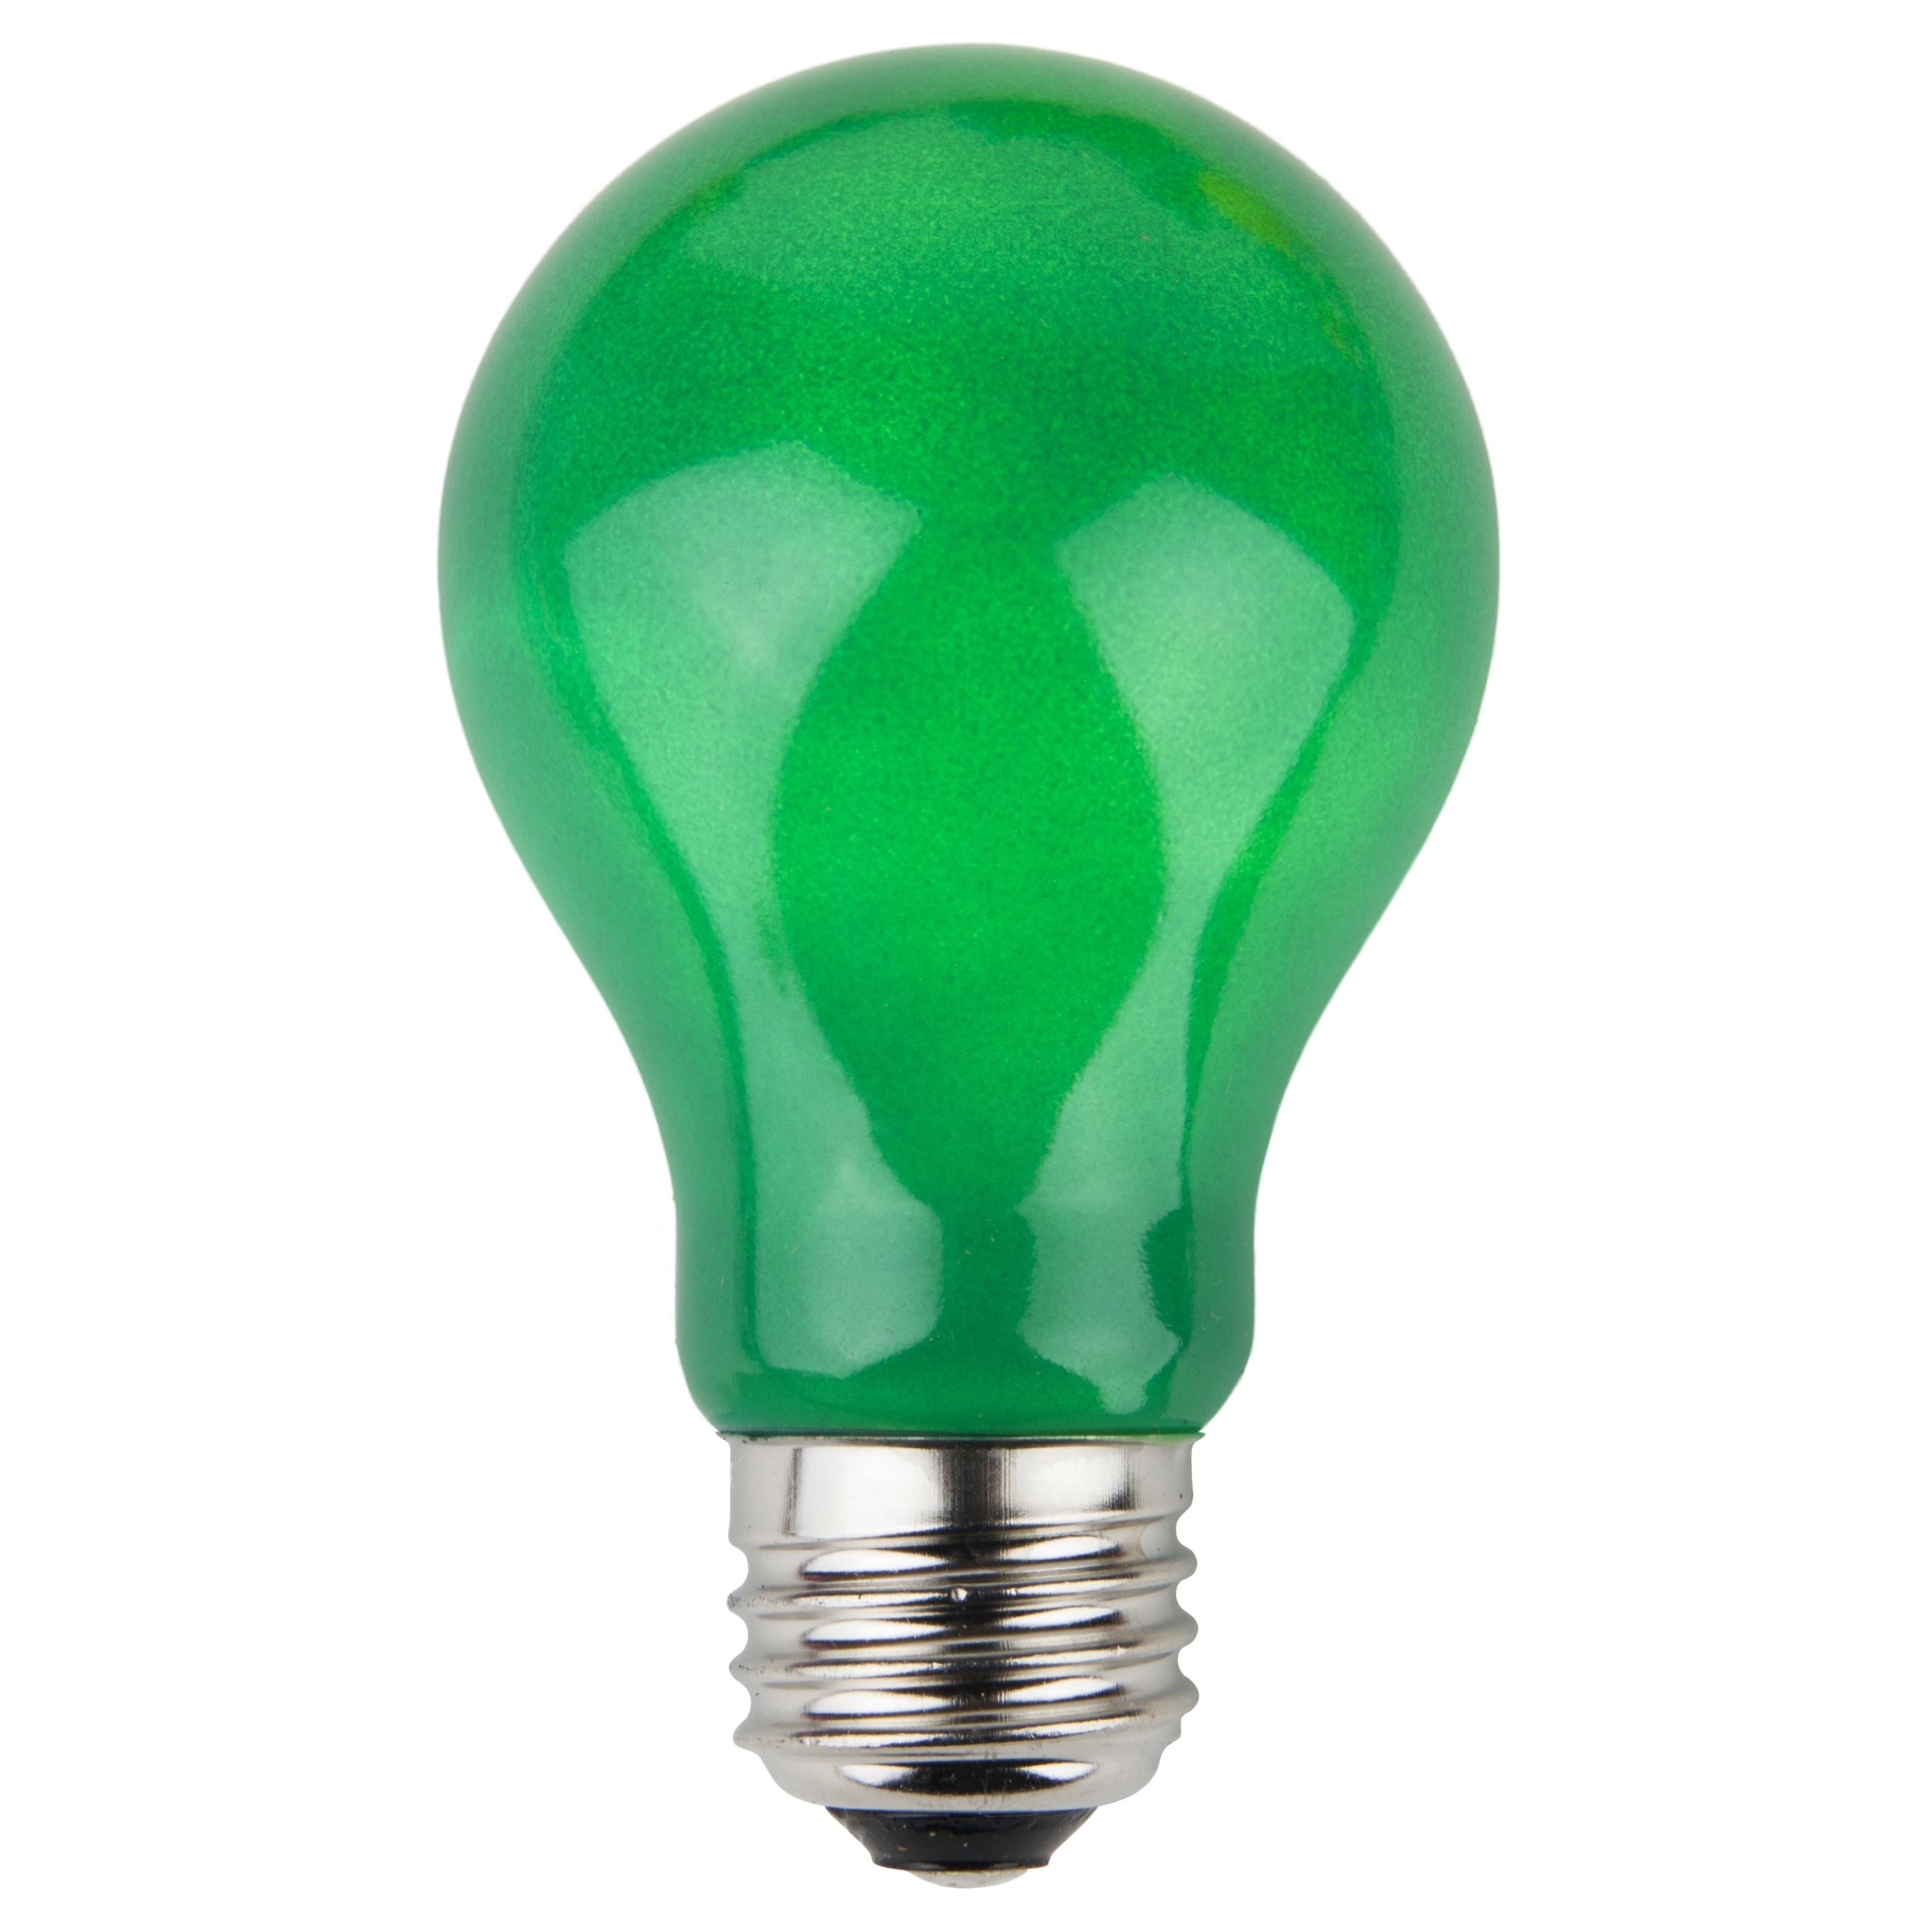 E26 Party And Sign Bulbs A19 Opaque Green 25 Watt